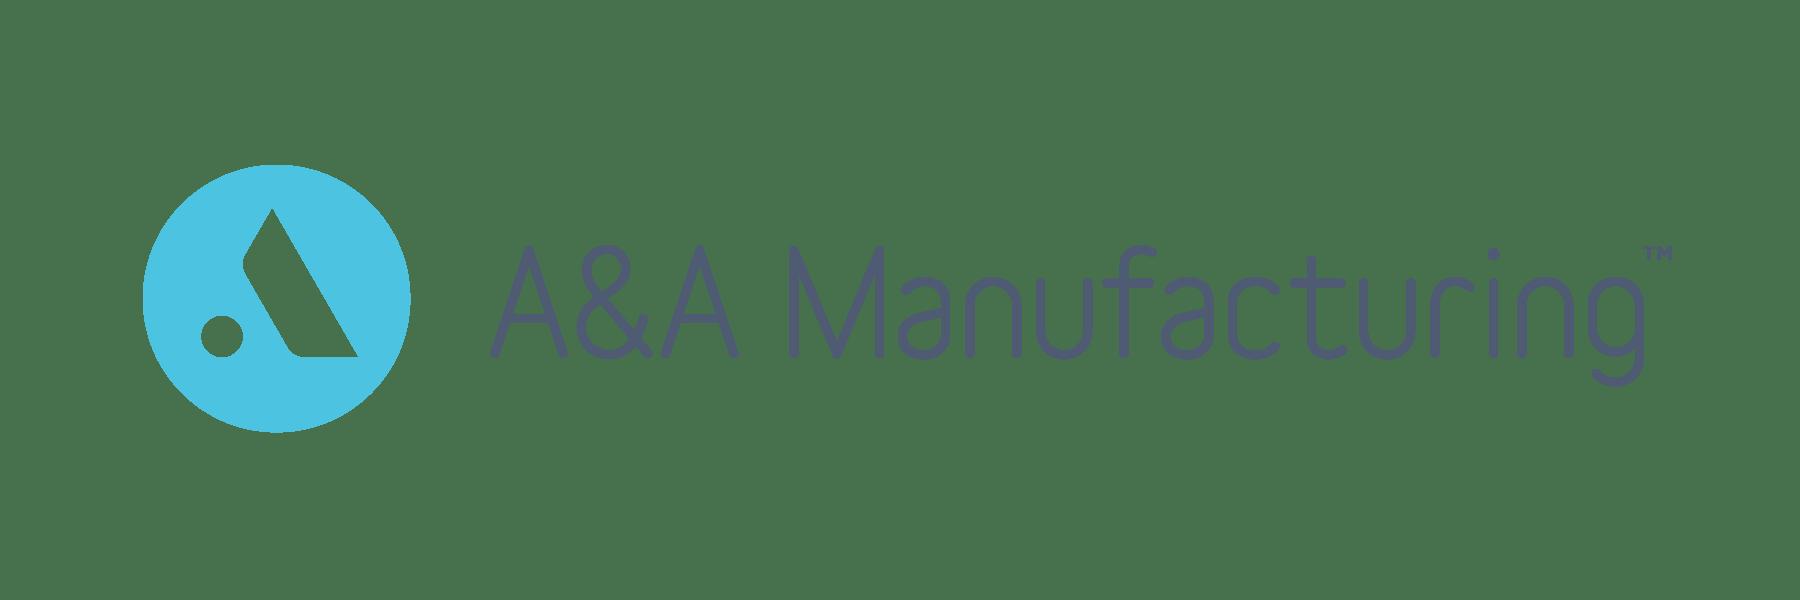 a&a manufacturing logo